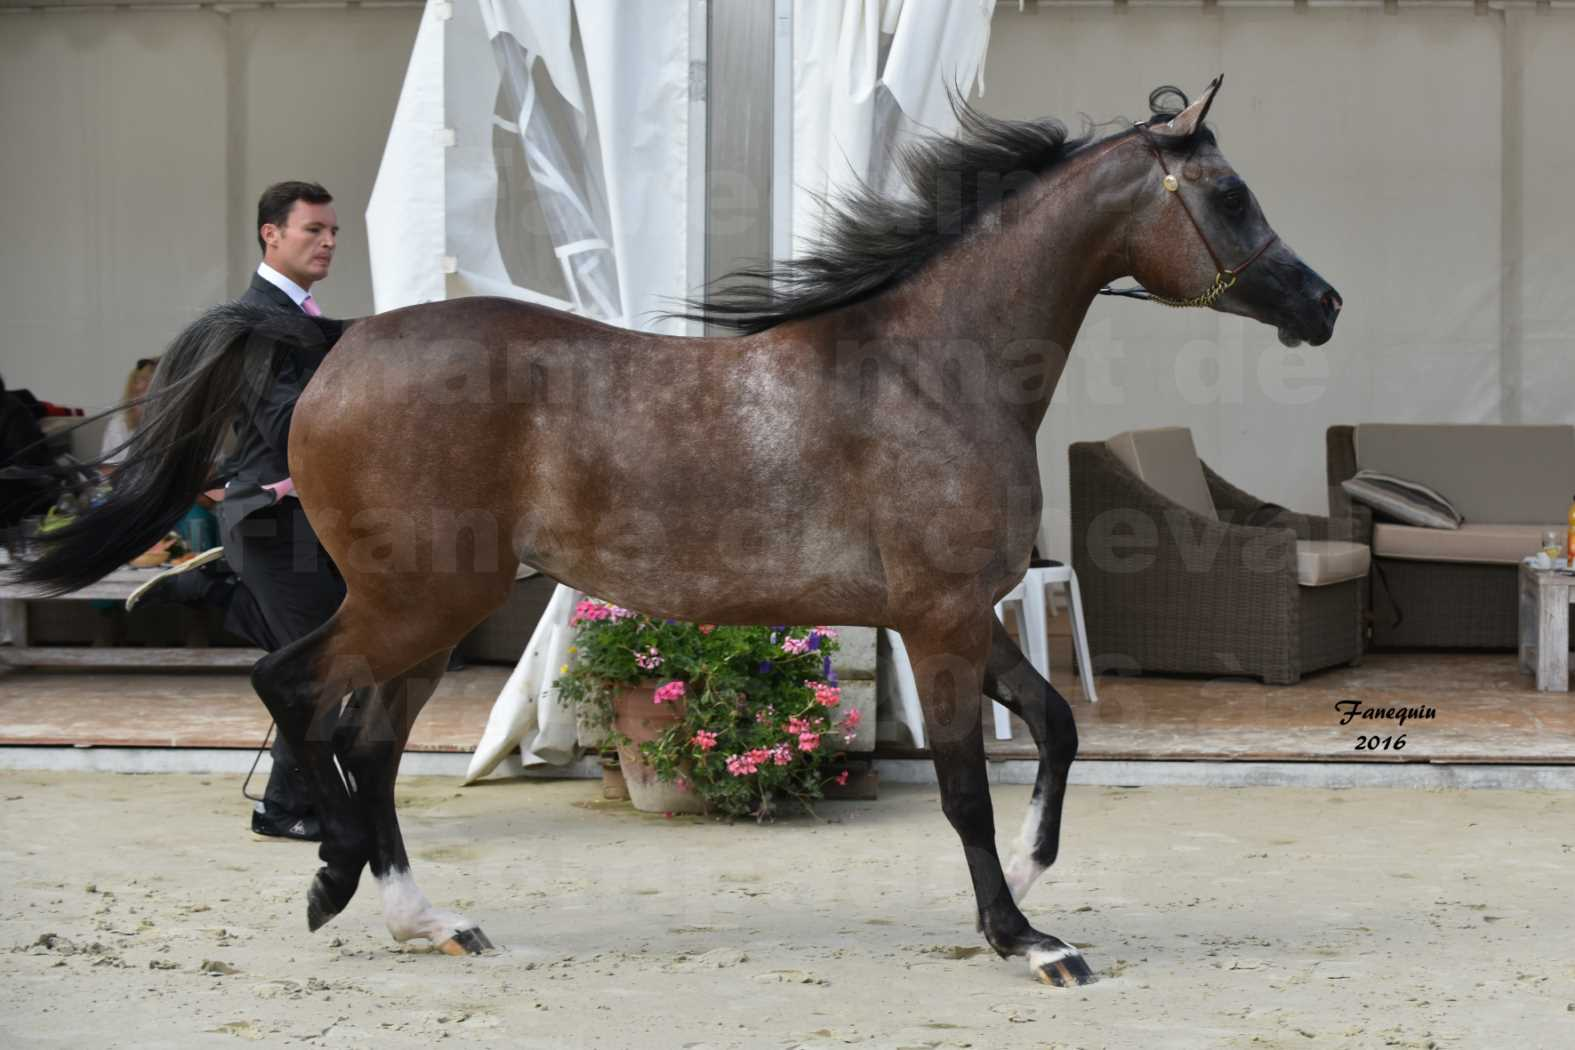 Championnat de France de chevaux Arabes 2016 à Pompadour - AÏNHOA MA PTIT FOLIE - 07